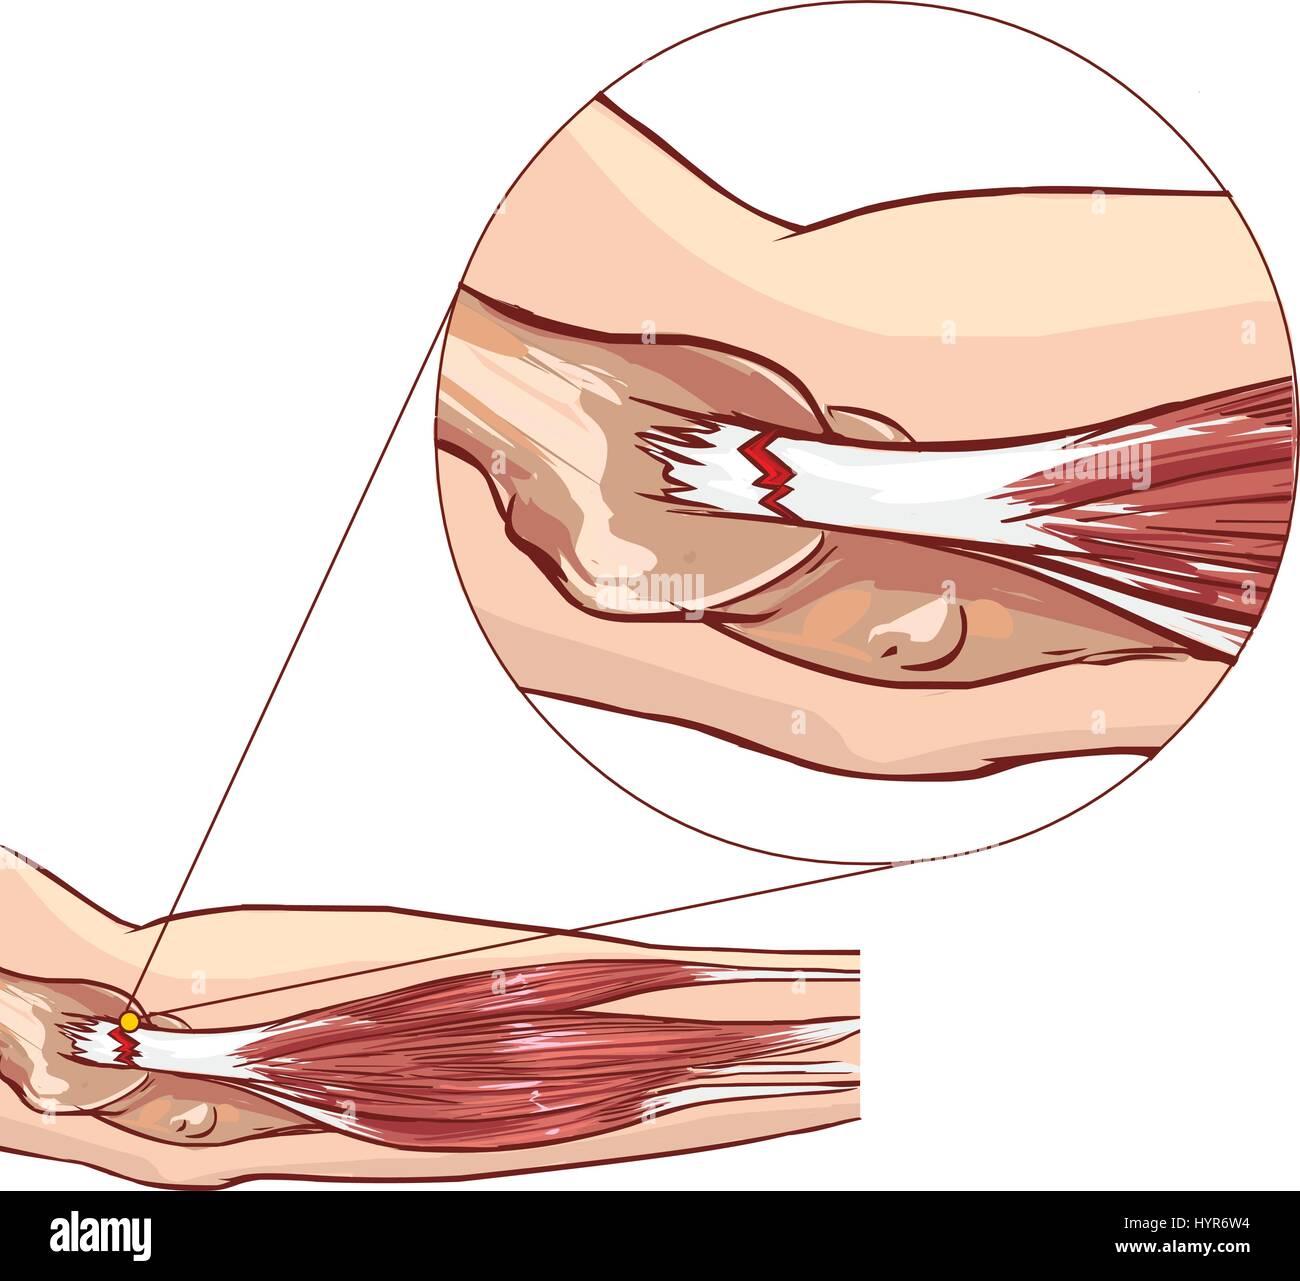 Codo de tenista - desgarro del tendón extensor común del brazo ...